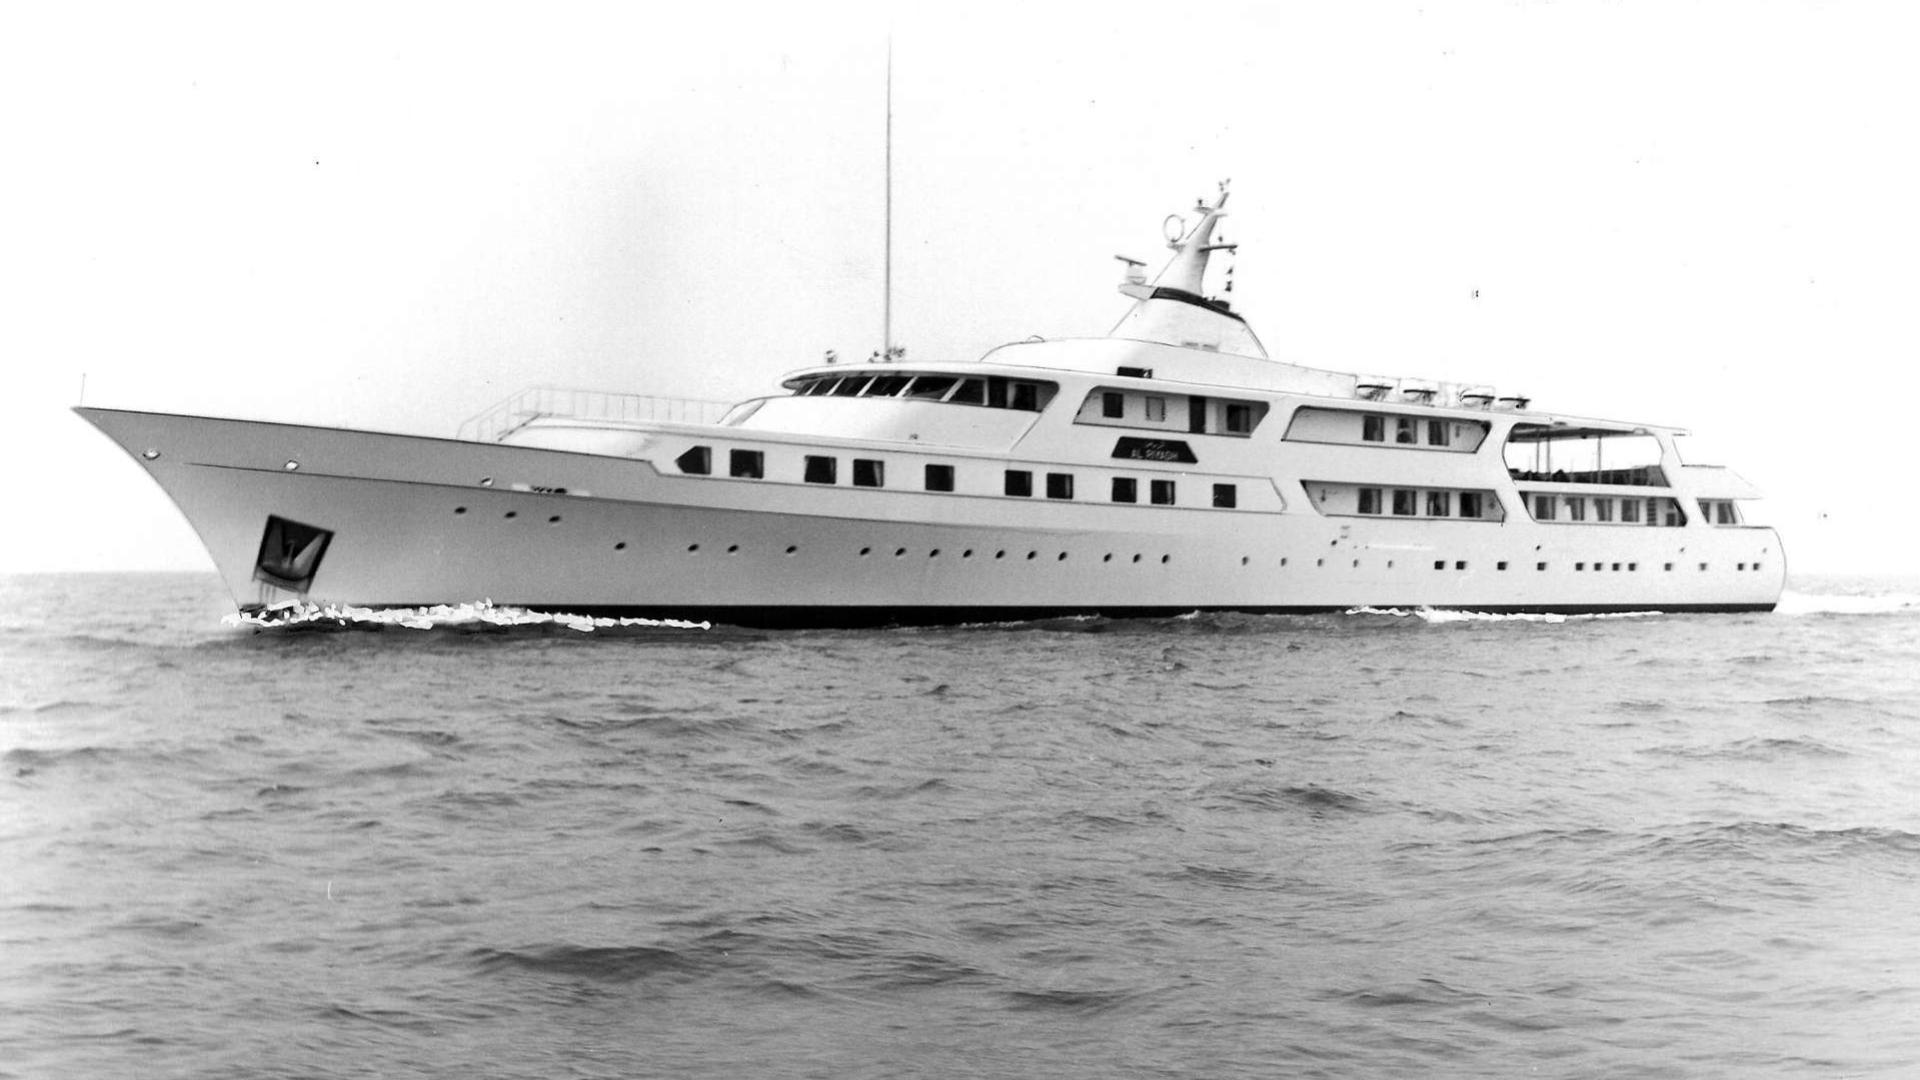 al-riyadh-motor-yacht-feadship-1978-65m-cruising